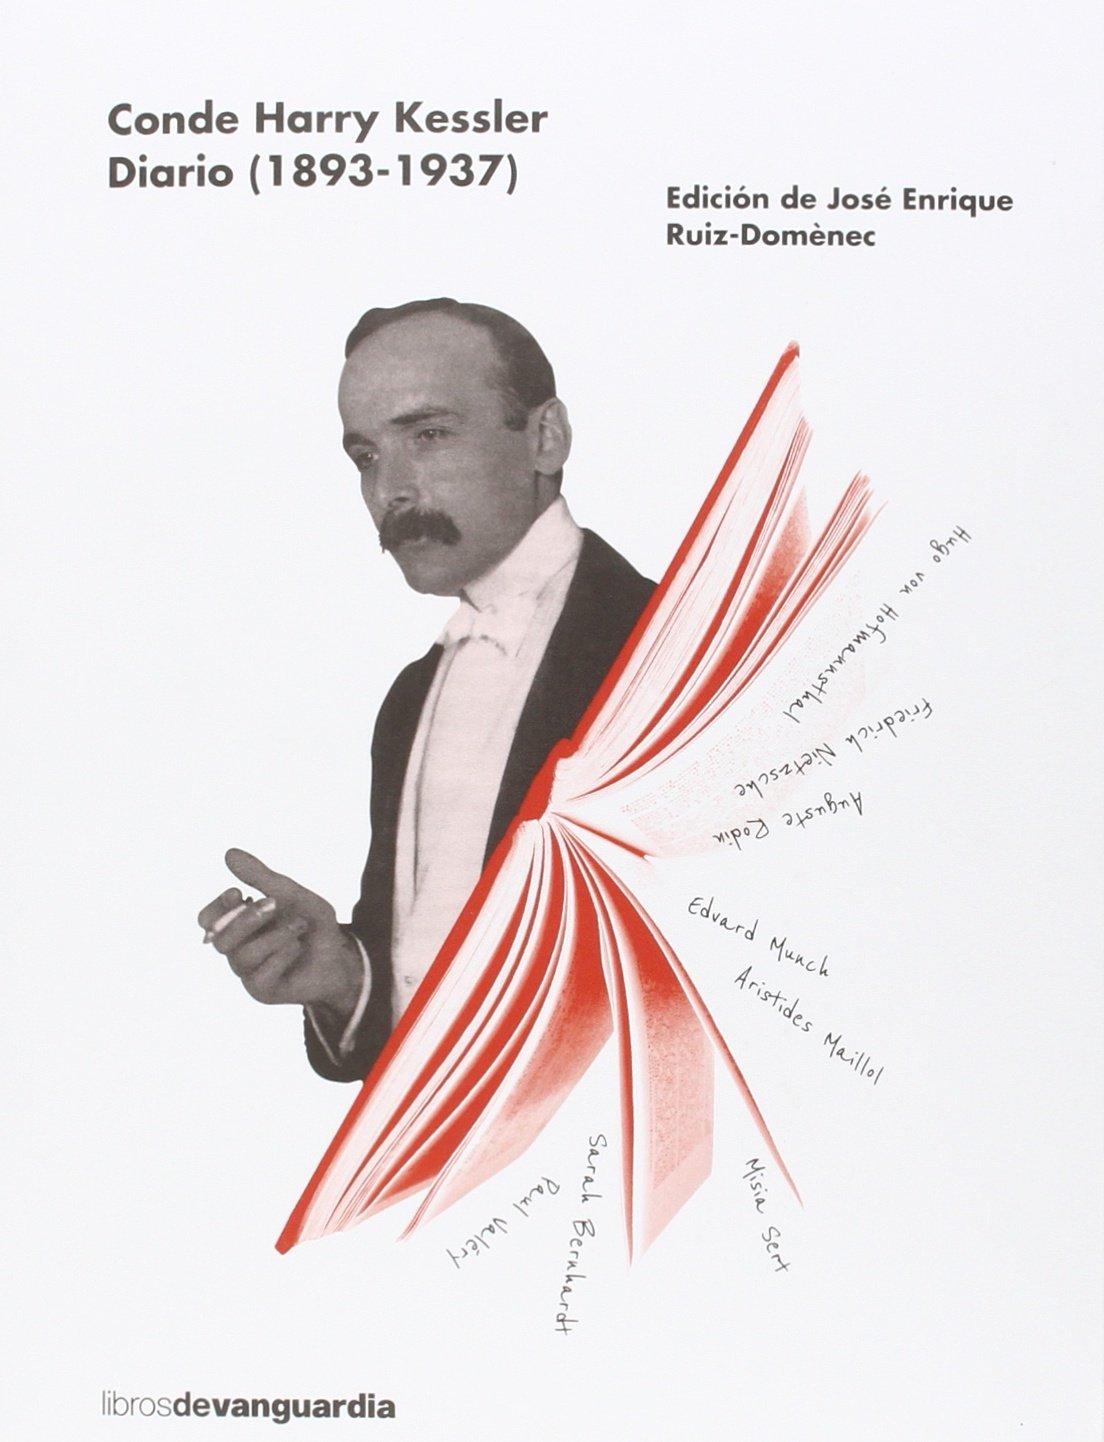 Diario 1893-1937 ISBN-13 9788416372164